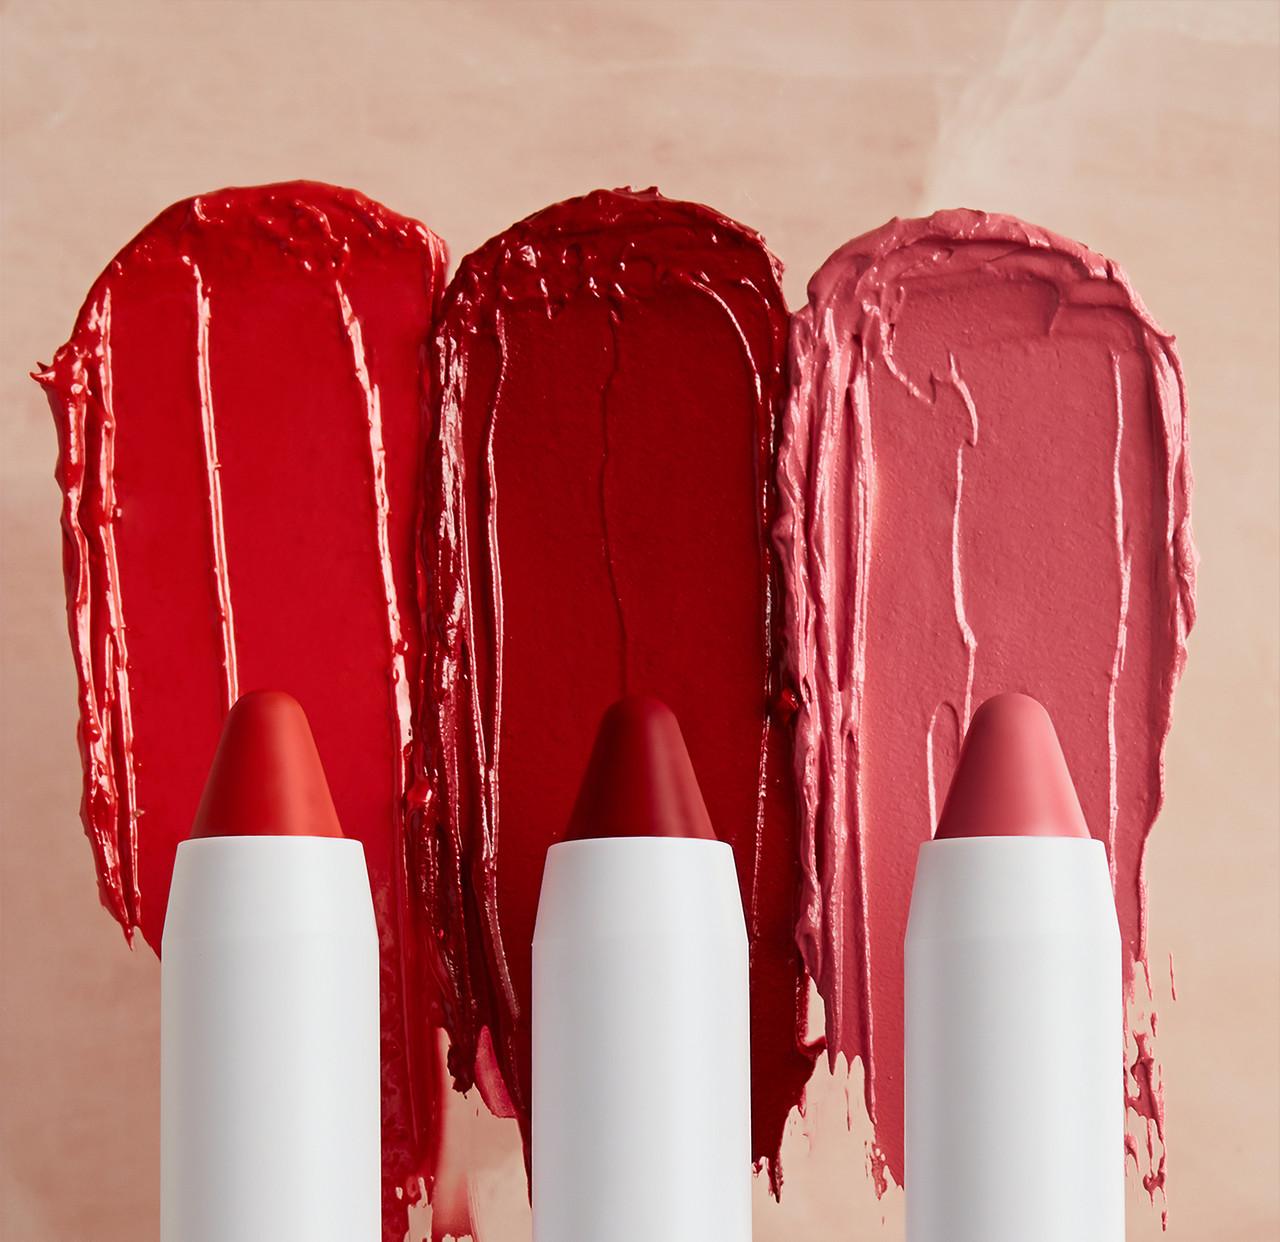 붉다고 다 같은 빨간색이 아니듯이 사람에 대한 해법도 사람마다 맥락마다 개별적이어야 한다.